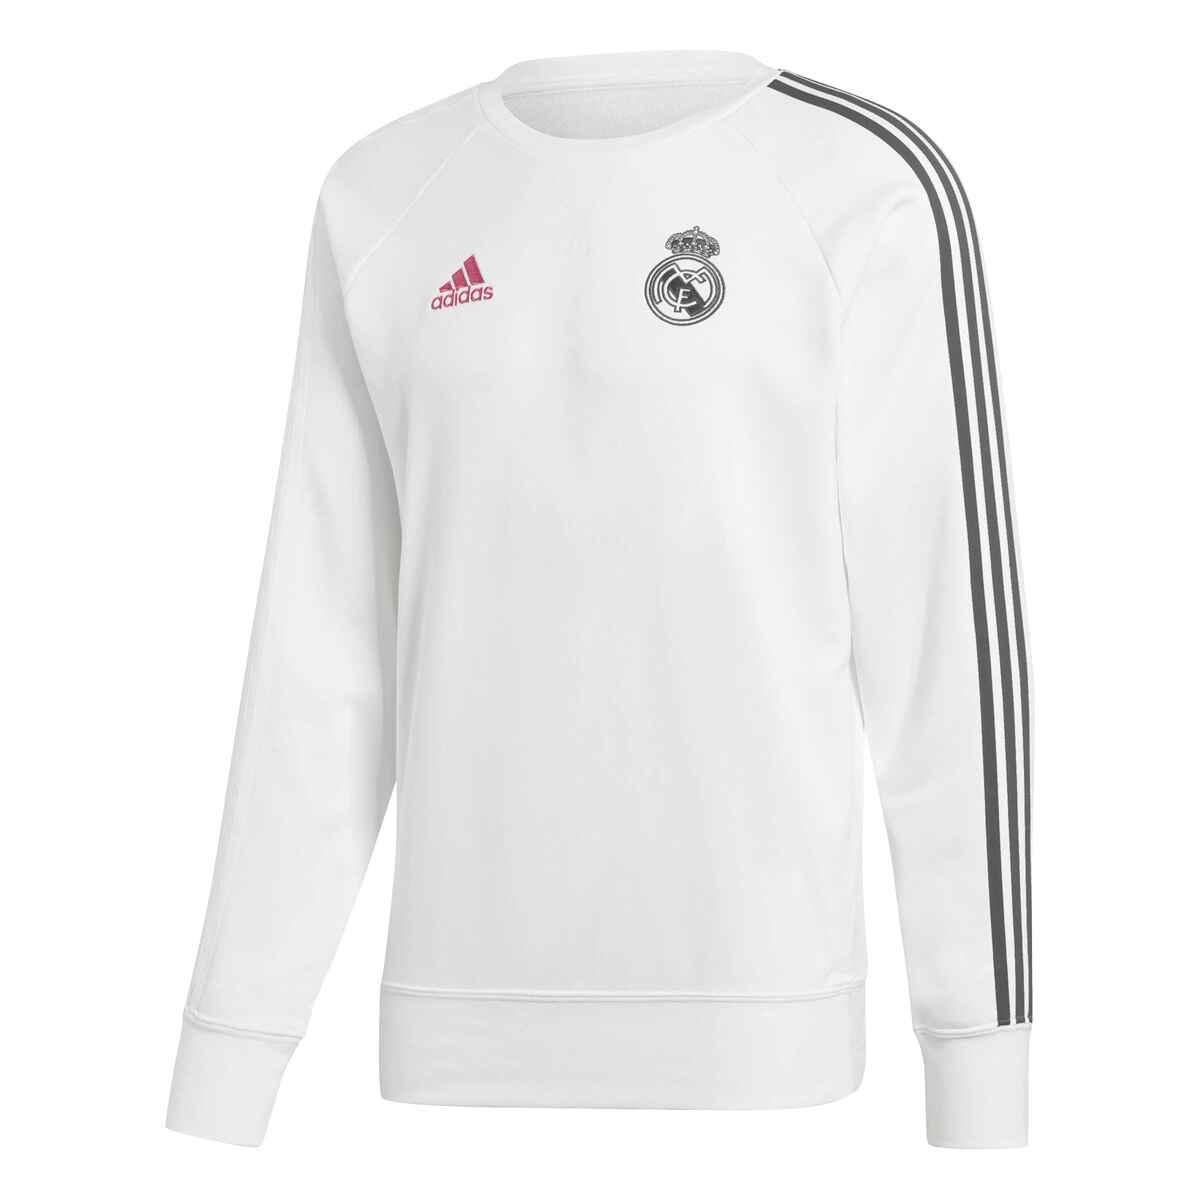 Sudadera blnca para hombre Real Madrid CF 2020-2021 adidas